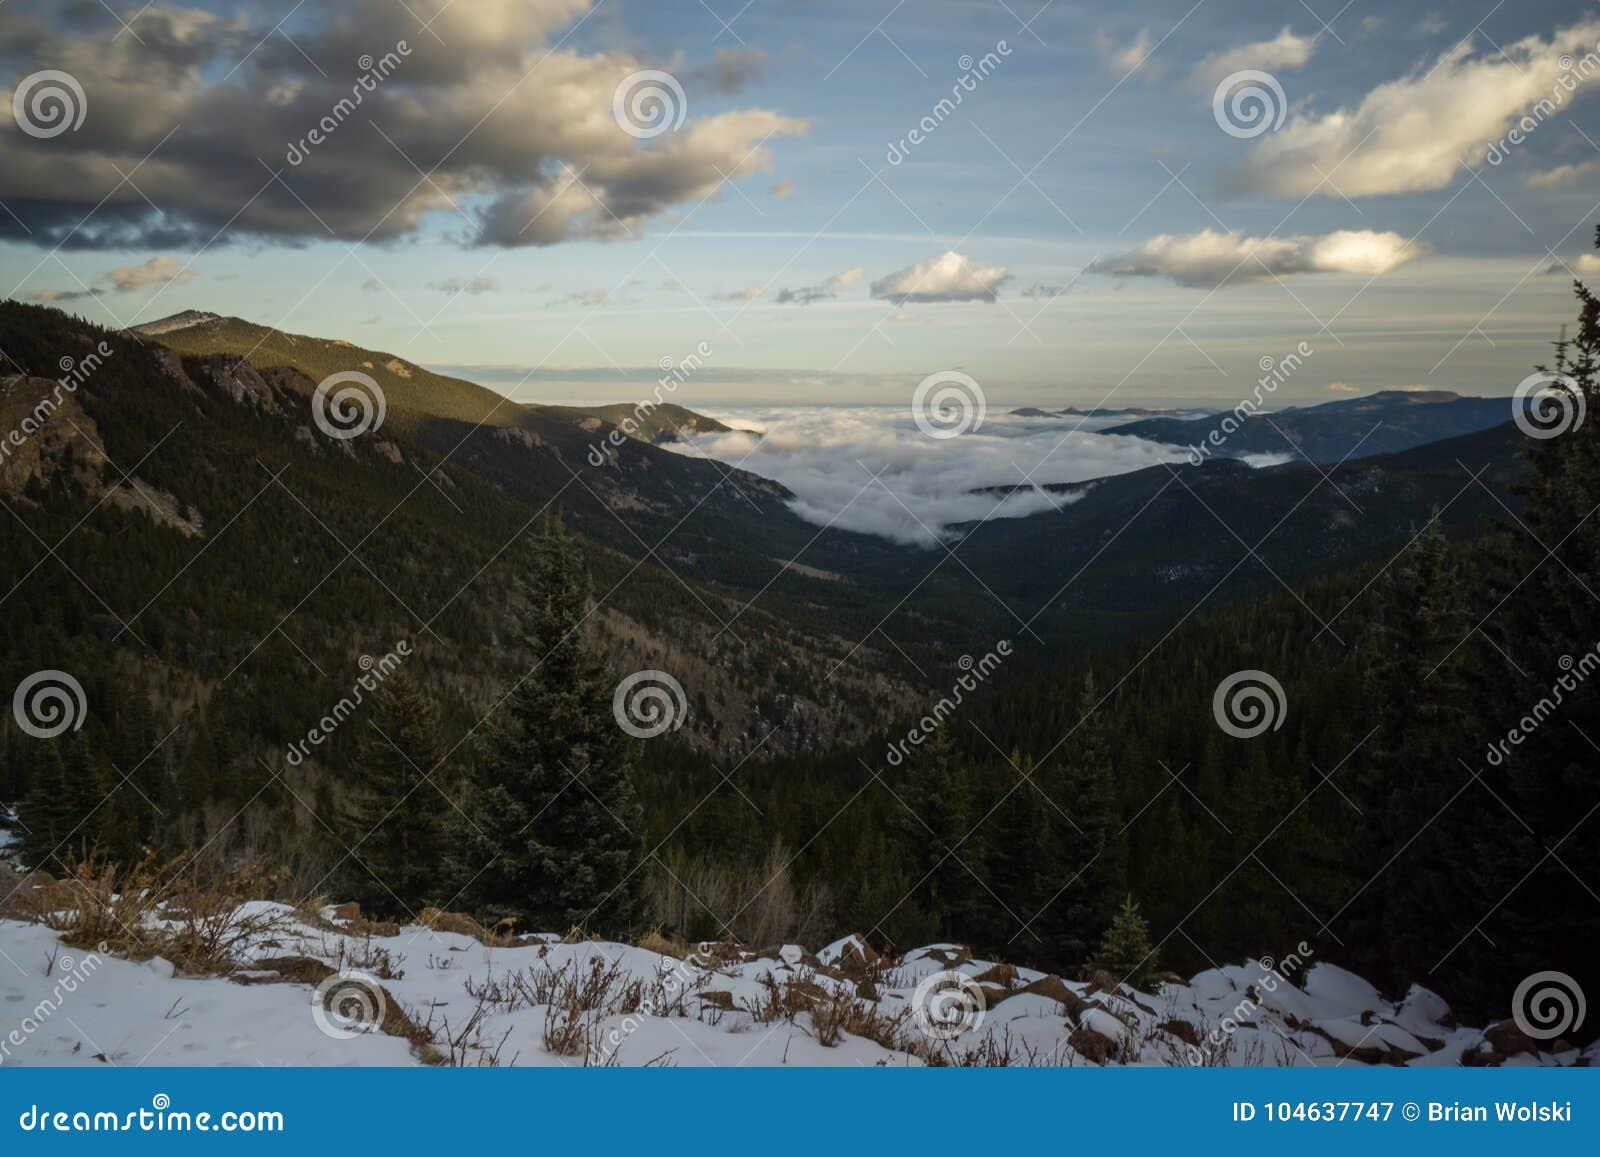 Download Mistige Vallei in Colorado stock afbeelding. Afbeelding bestaande uit sneeuw - 104637747